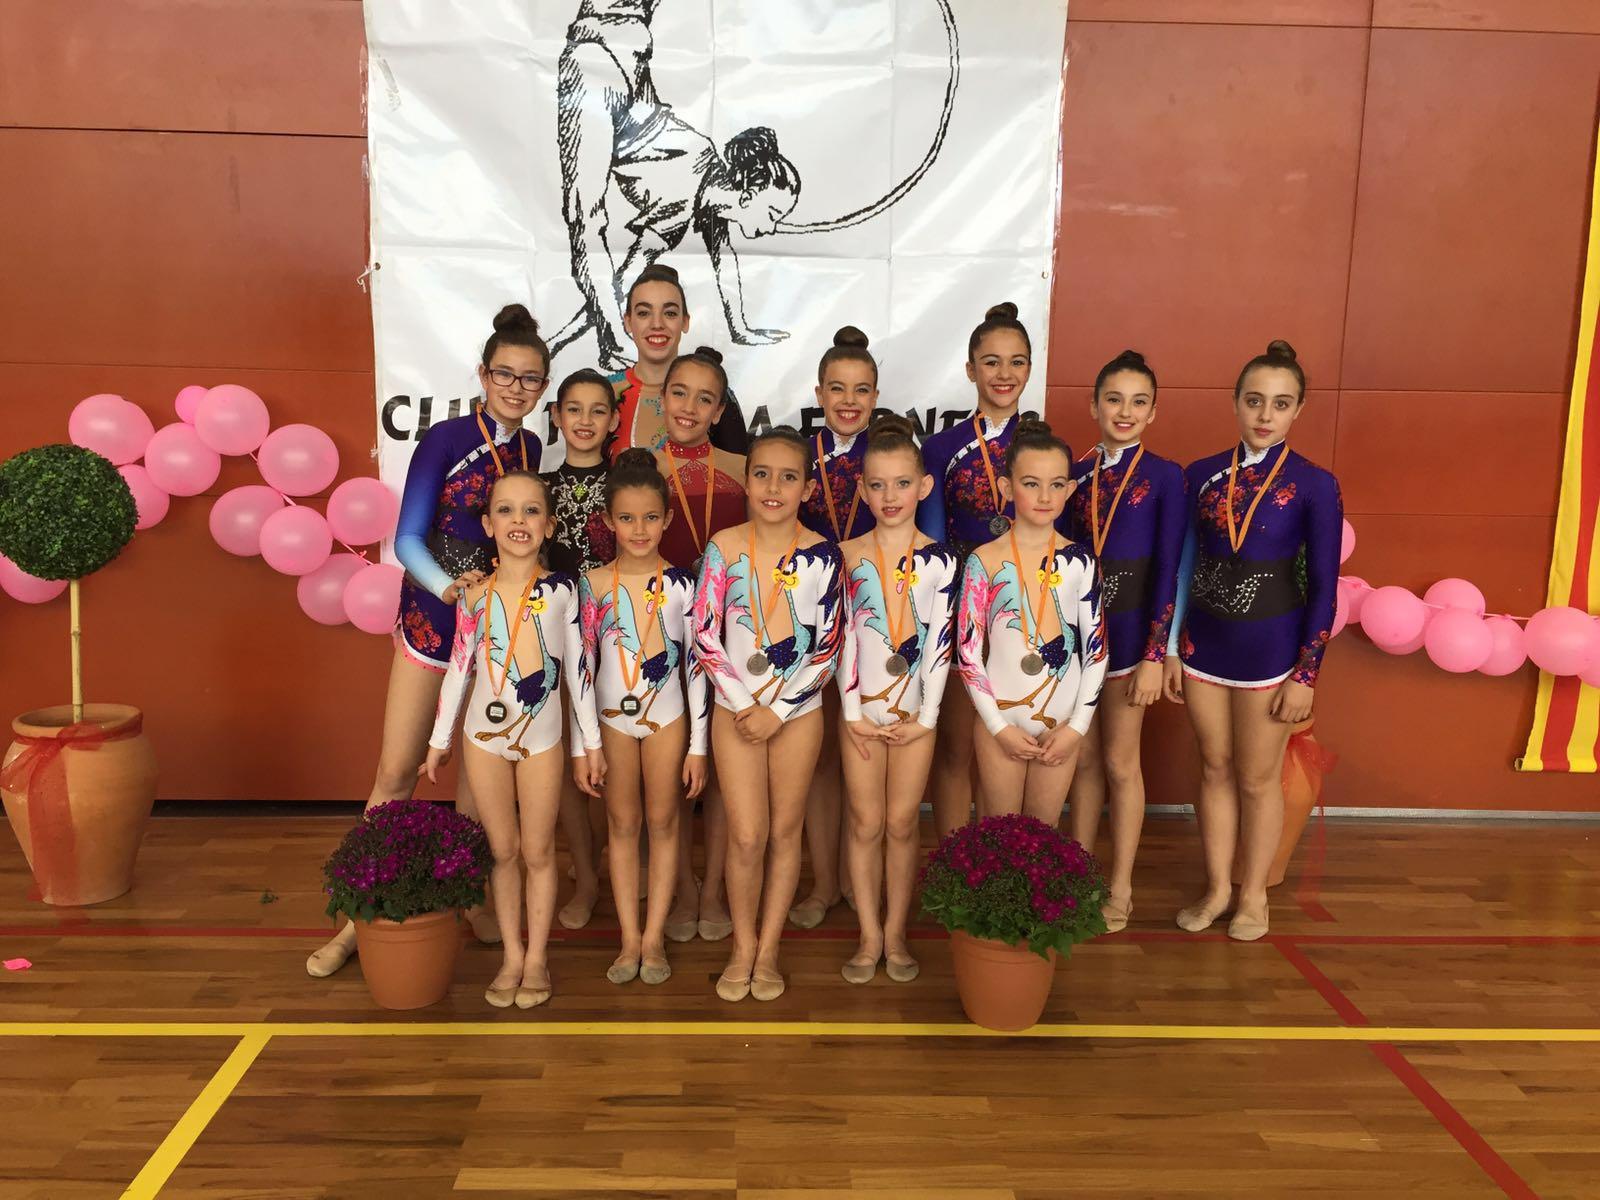 Gran Trofeu a Santa Coloma de Farners del Club Gimnàstic San Roque